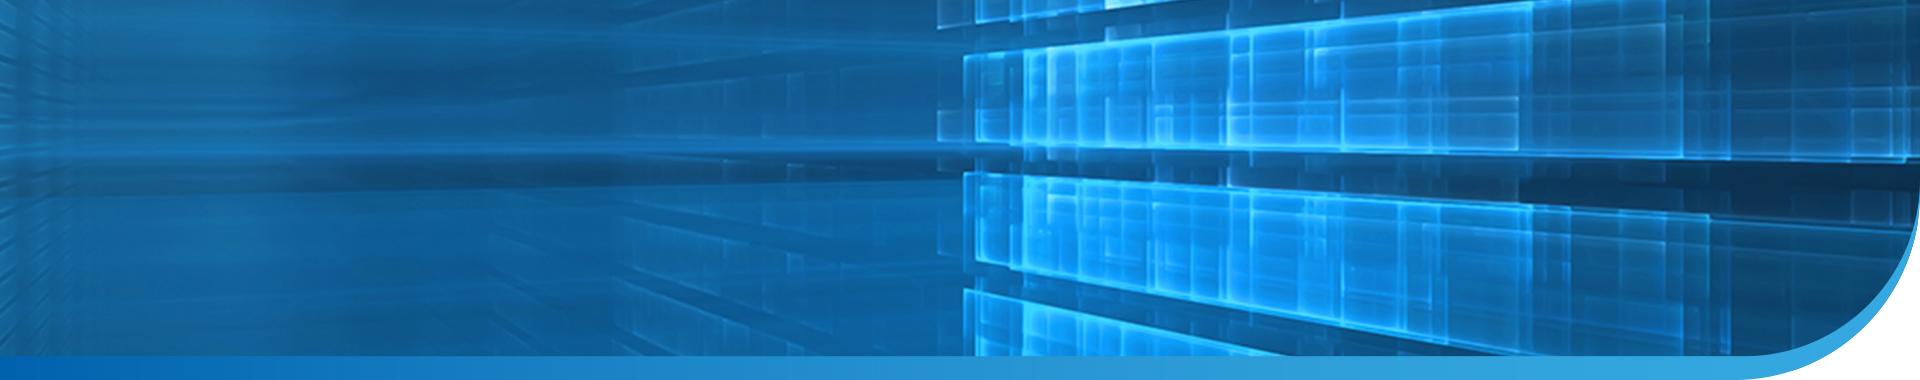 SMART_Technology_Pseudo_SLC